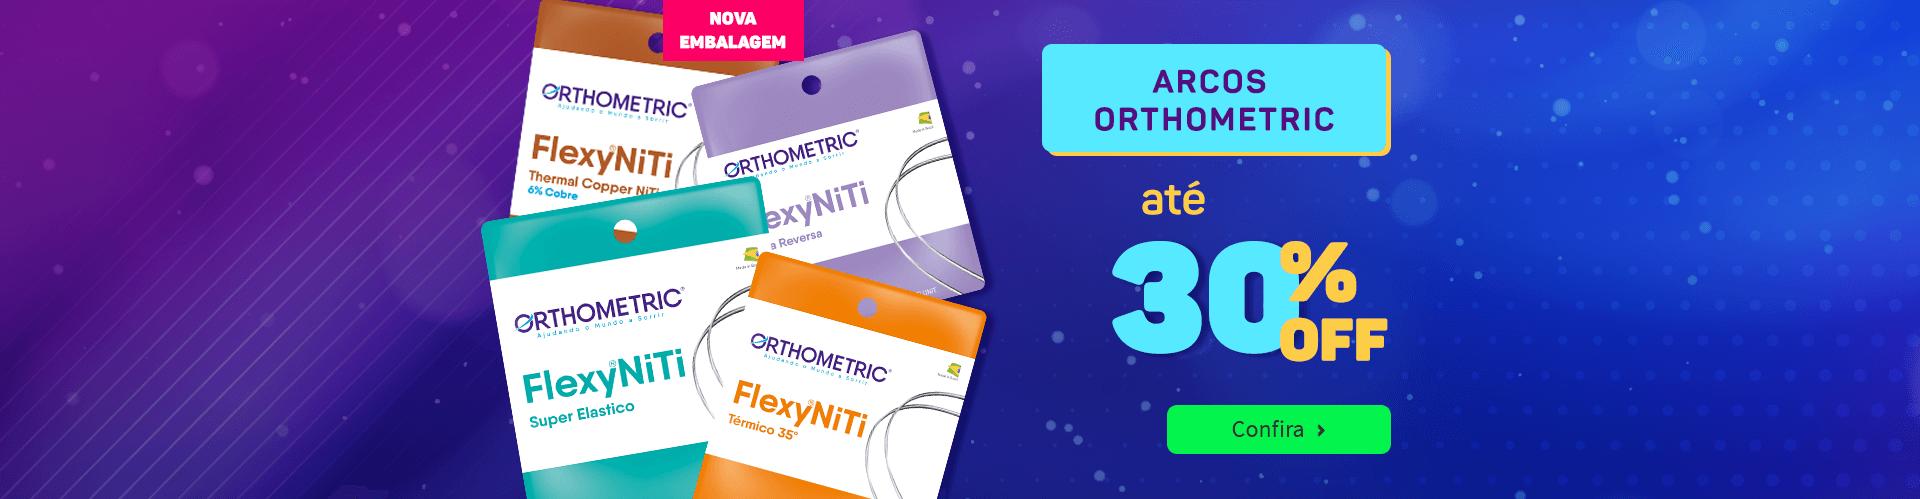 Arcos Orthometric Confira as novas embalagens e economize muito mais! | Dental Cremer